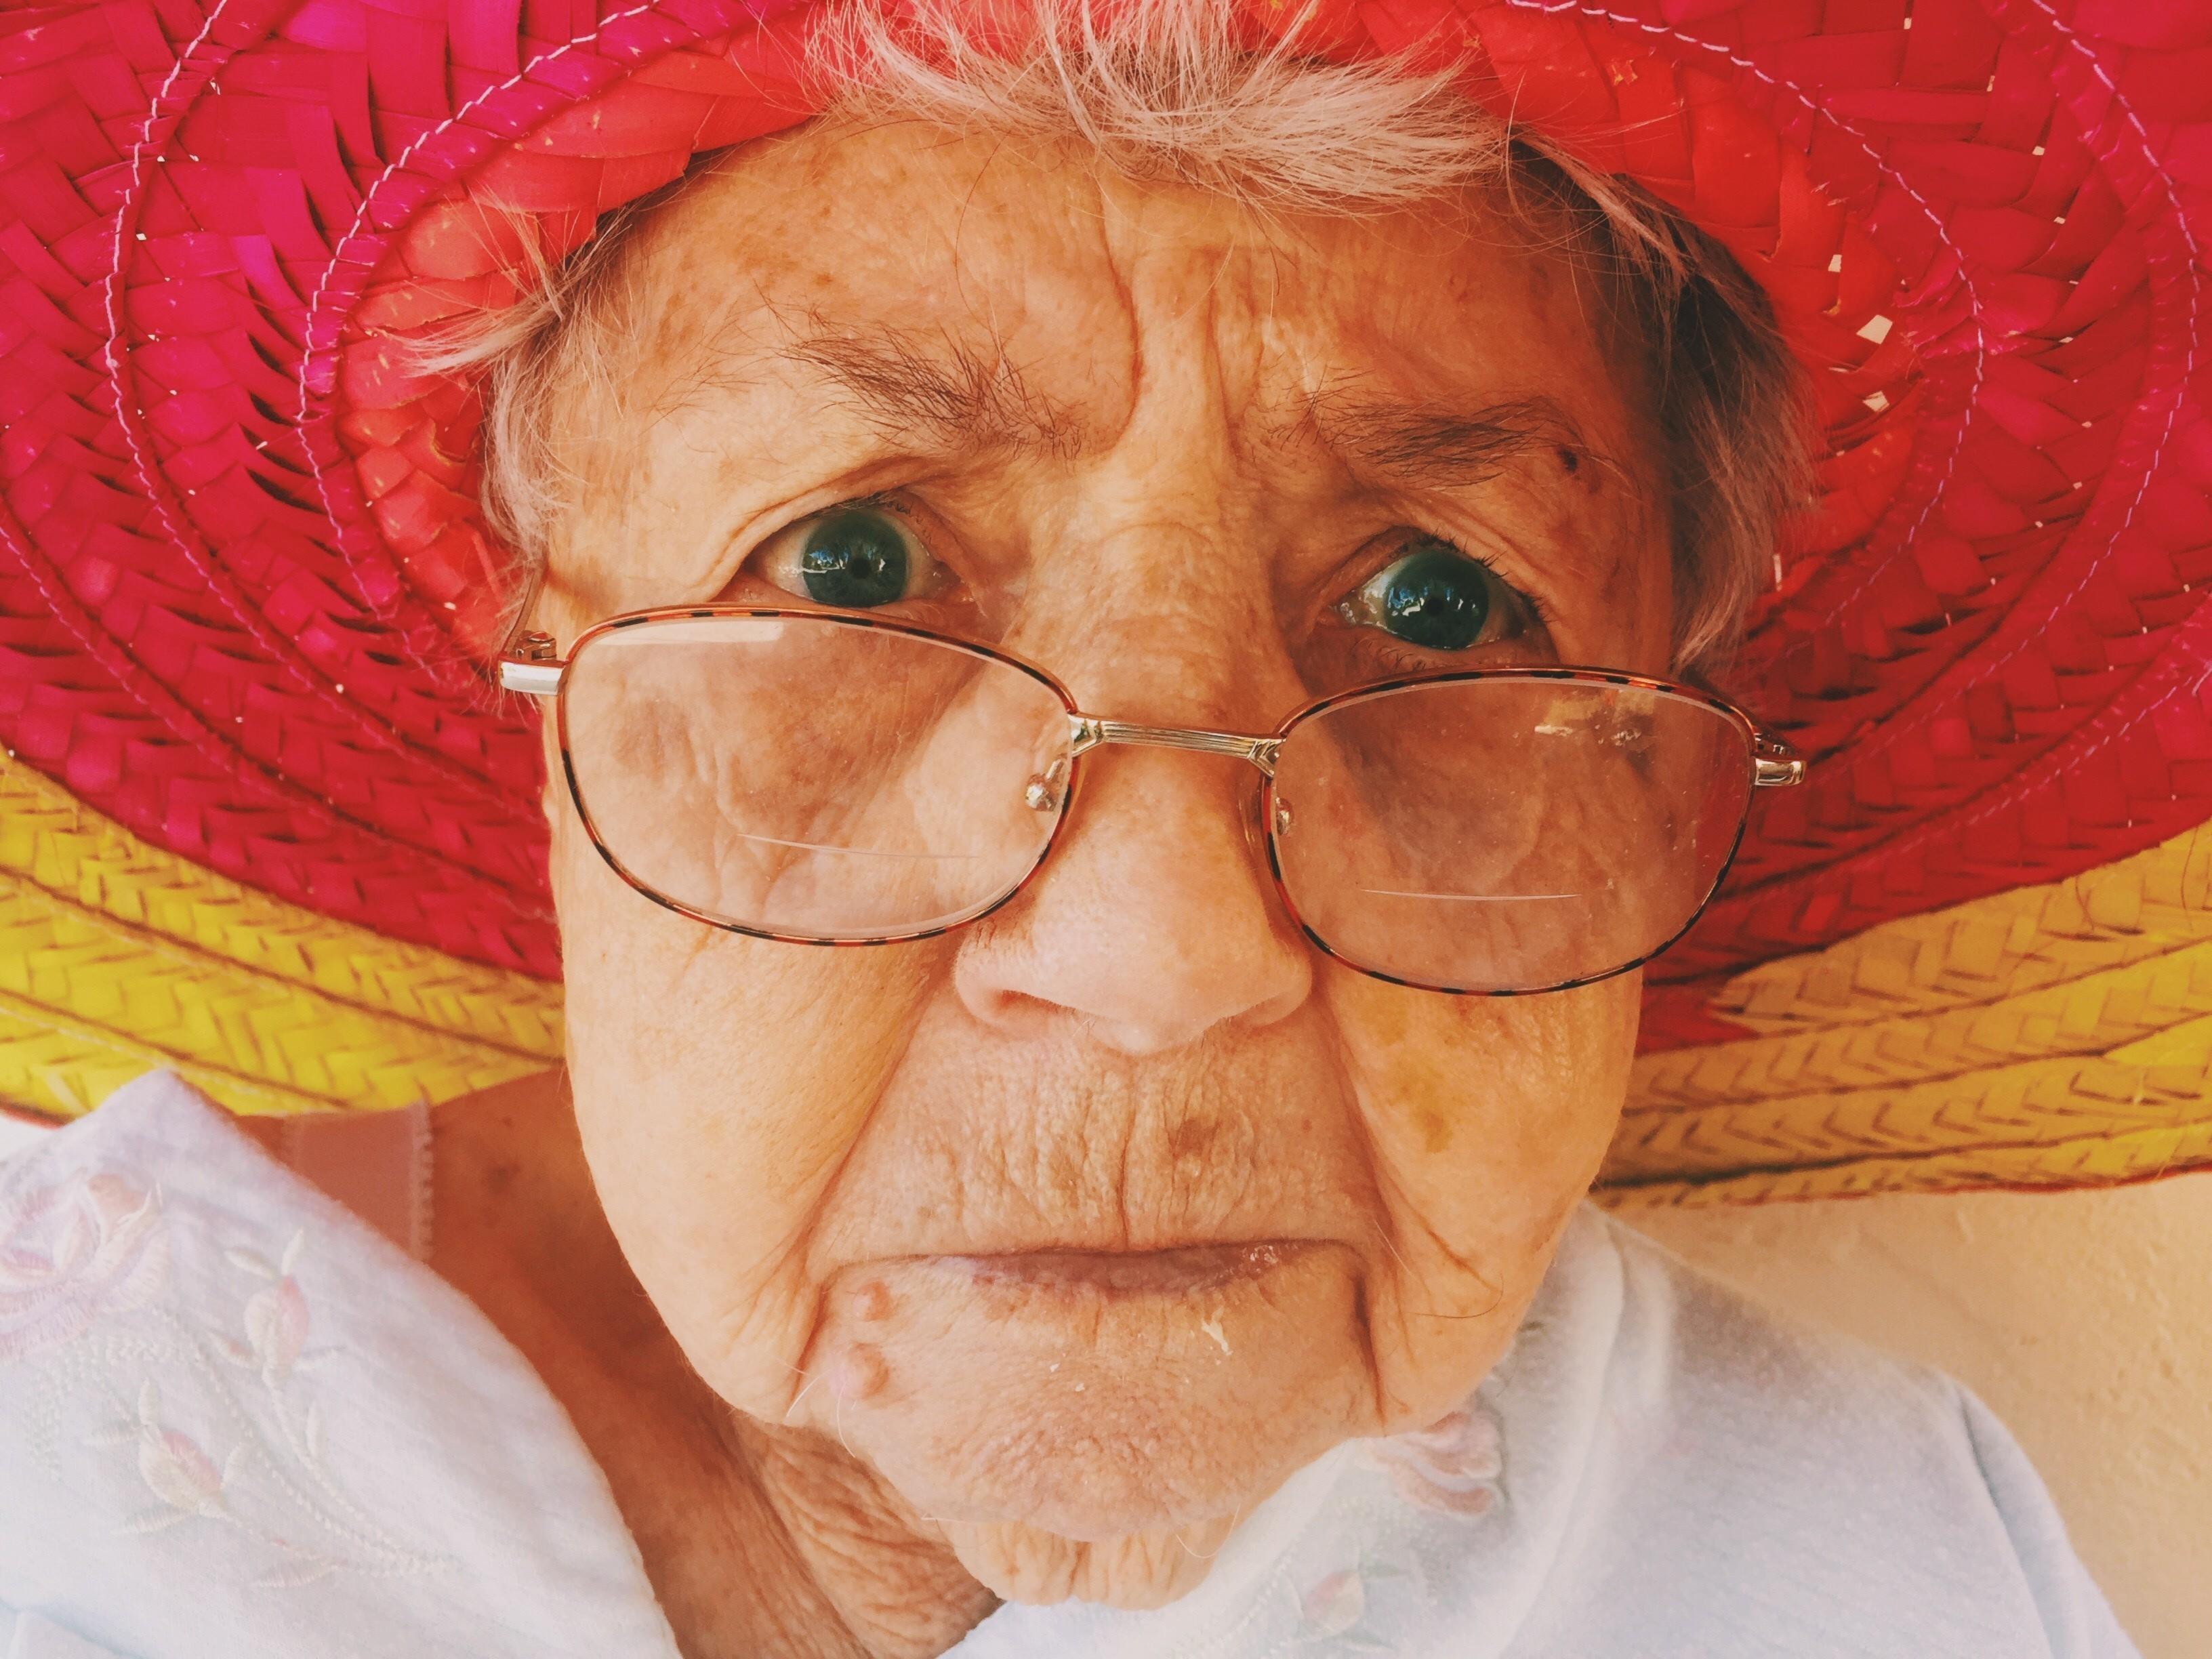 Пожилая женщина / Бабушка в шляпе